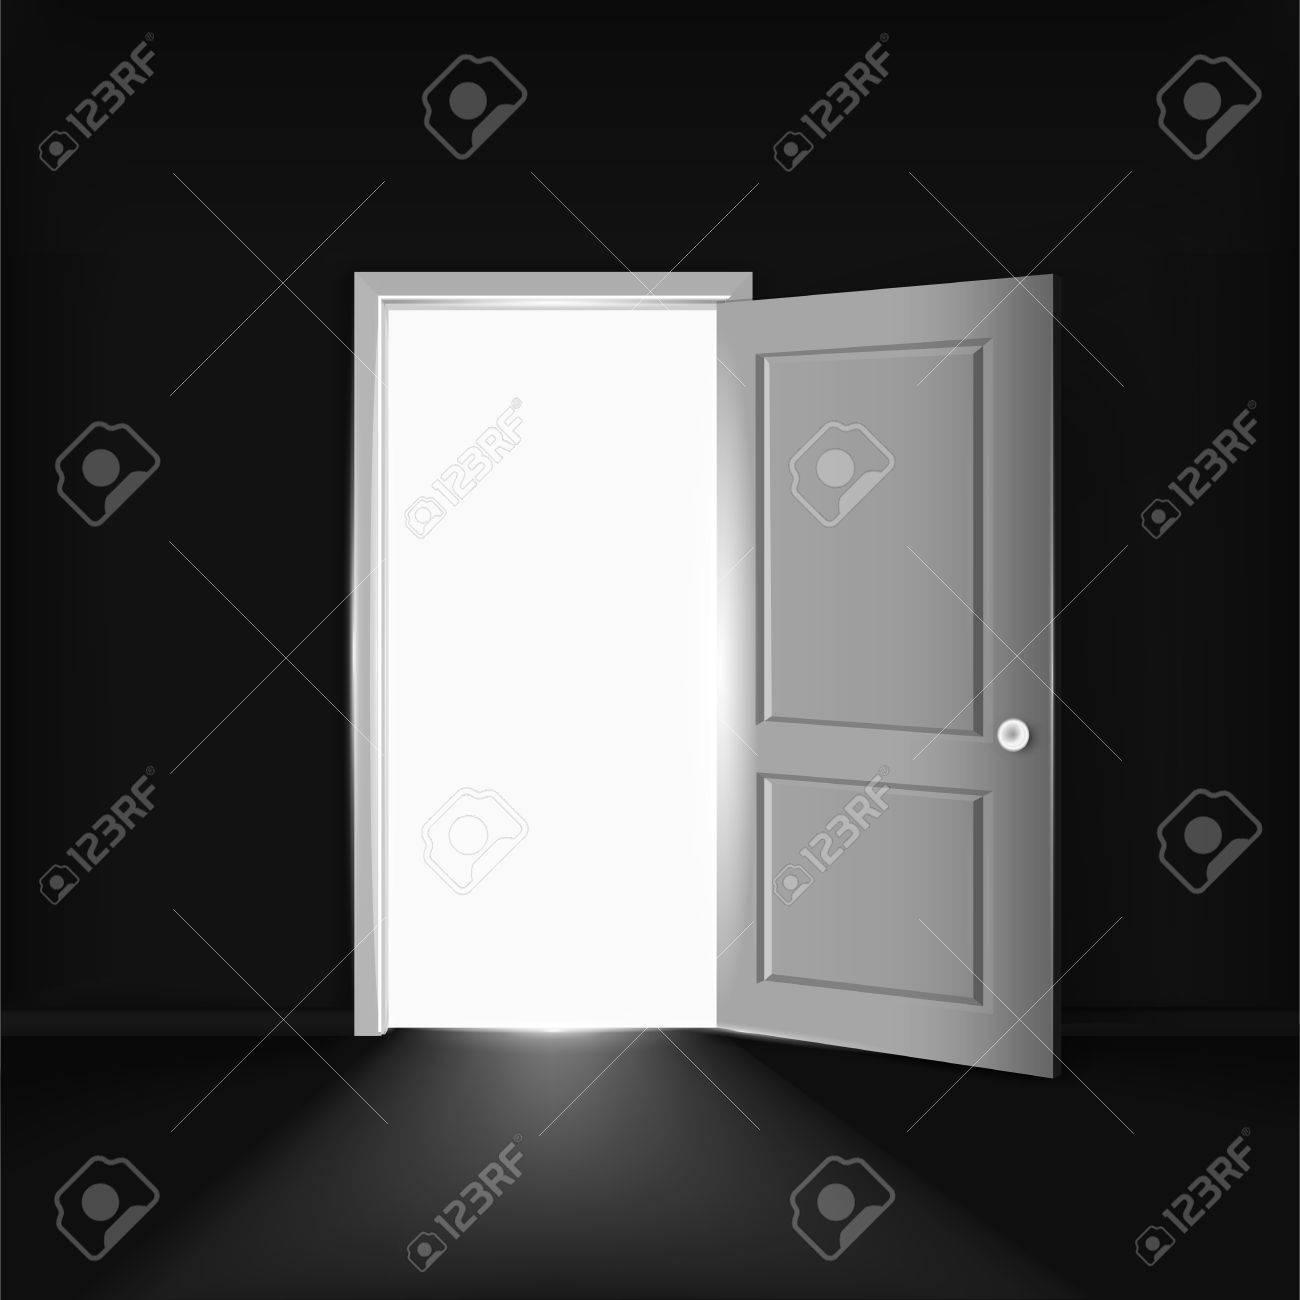 Standard Bild   Vector Offenen Tür Konzept. Beleuchtung Geöffnete Tür An  Der Schwarzen Wand In Einem Leeren Raum. Schwarze Freitag Elemente.